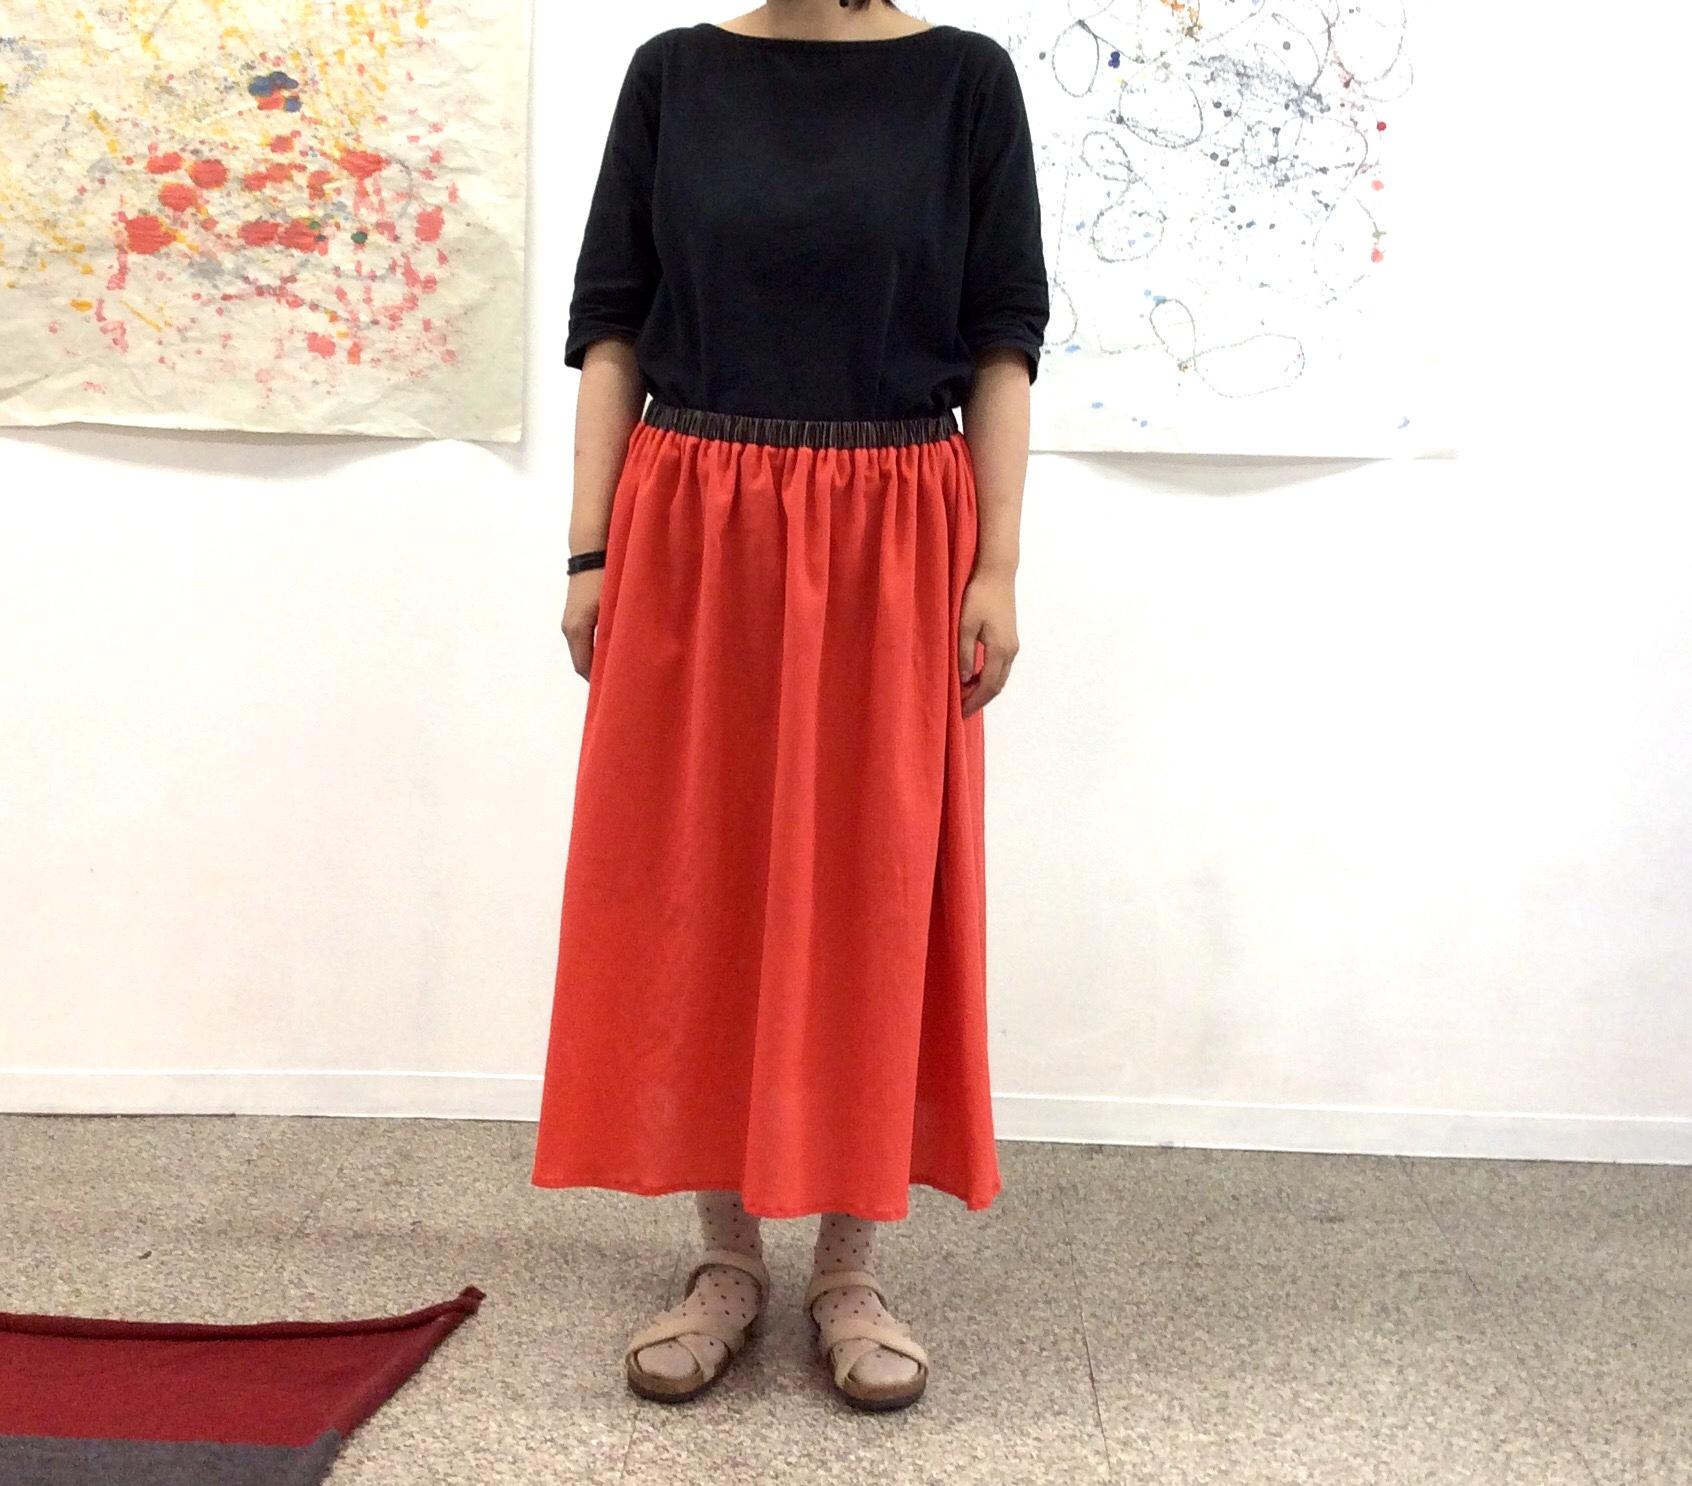 クレープ生地のスカート画像